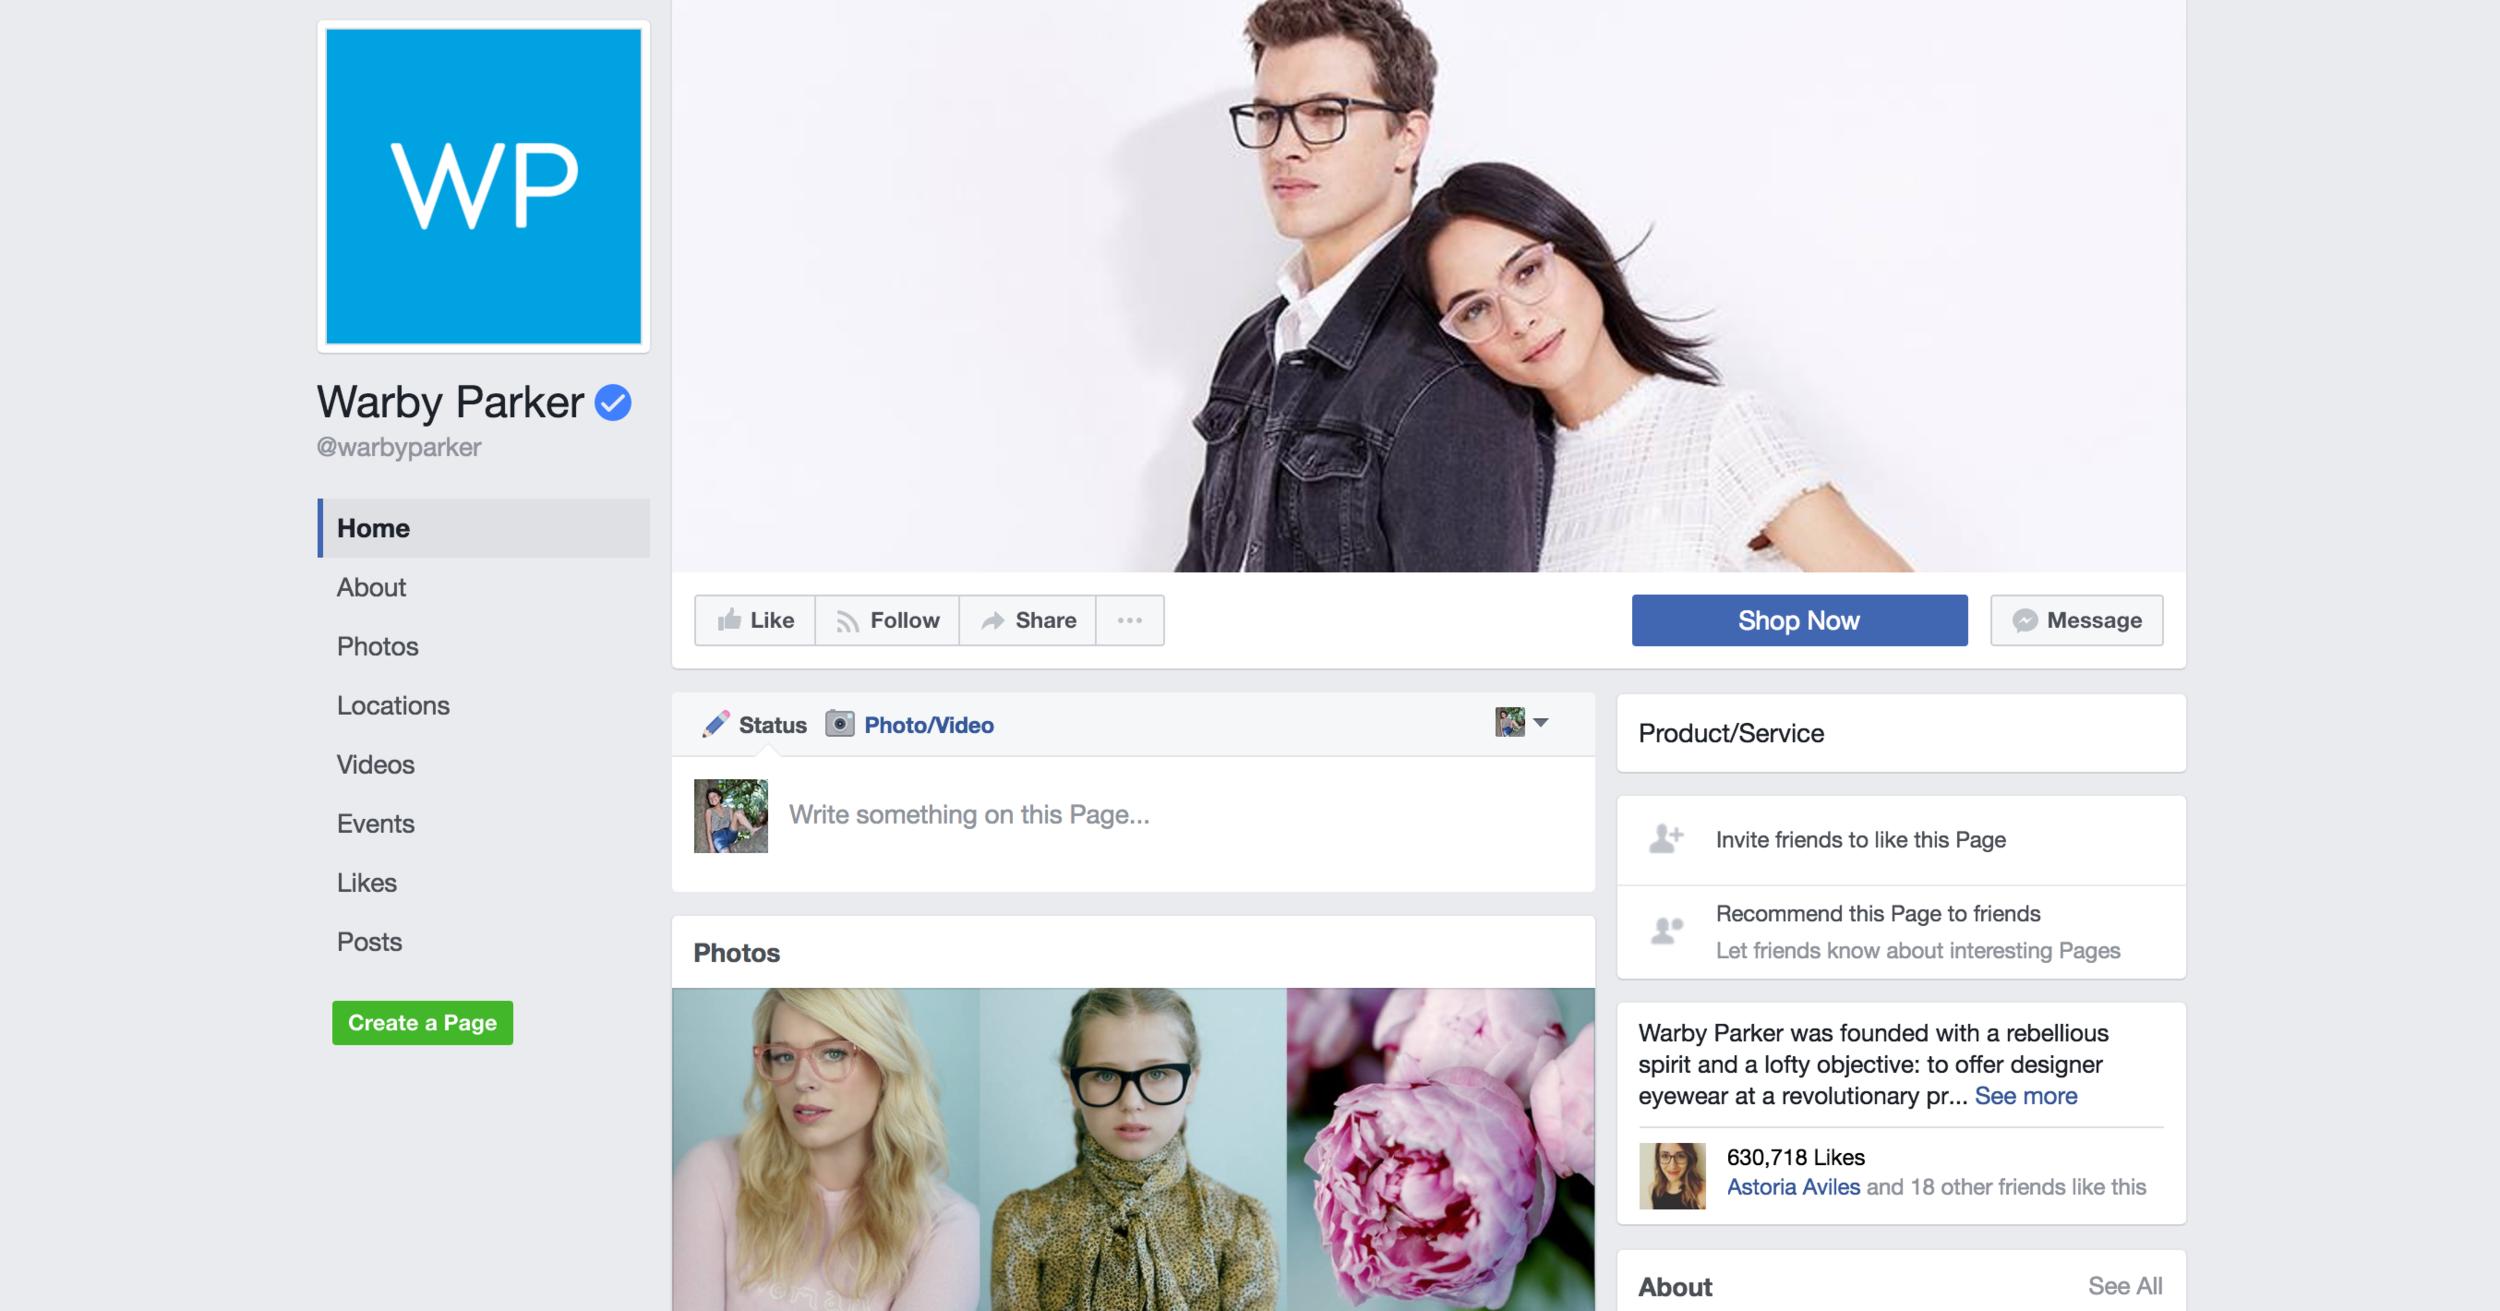 Warby Parker on Facebook /WarbyParker